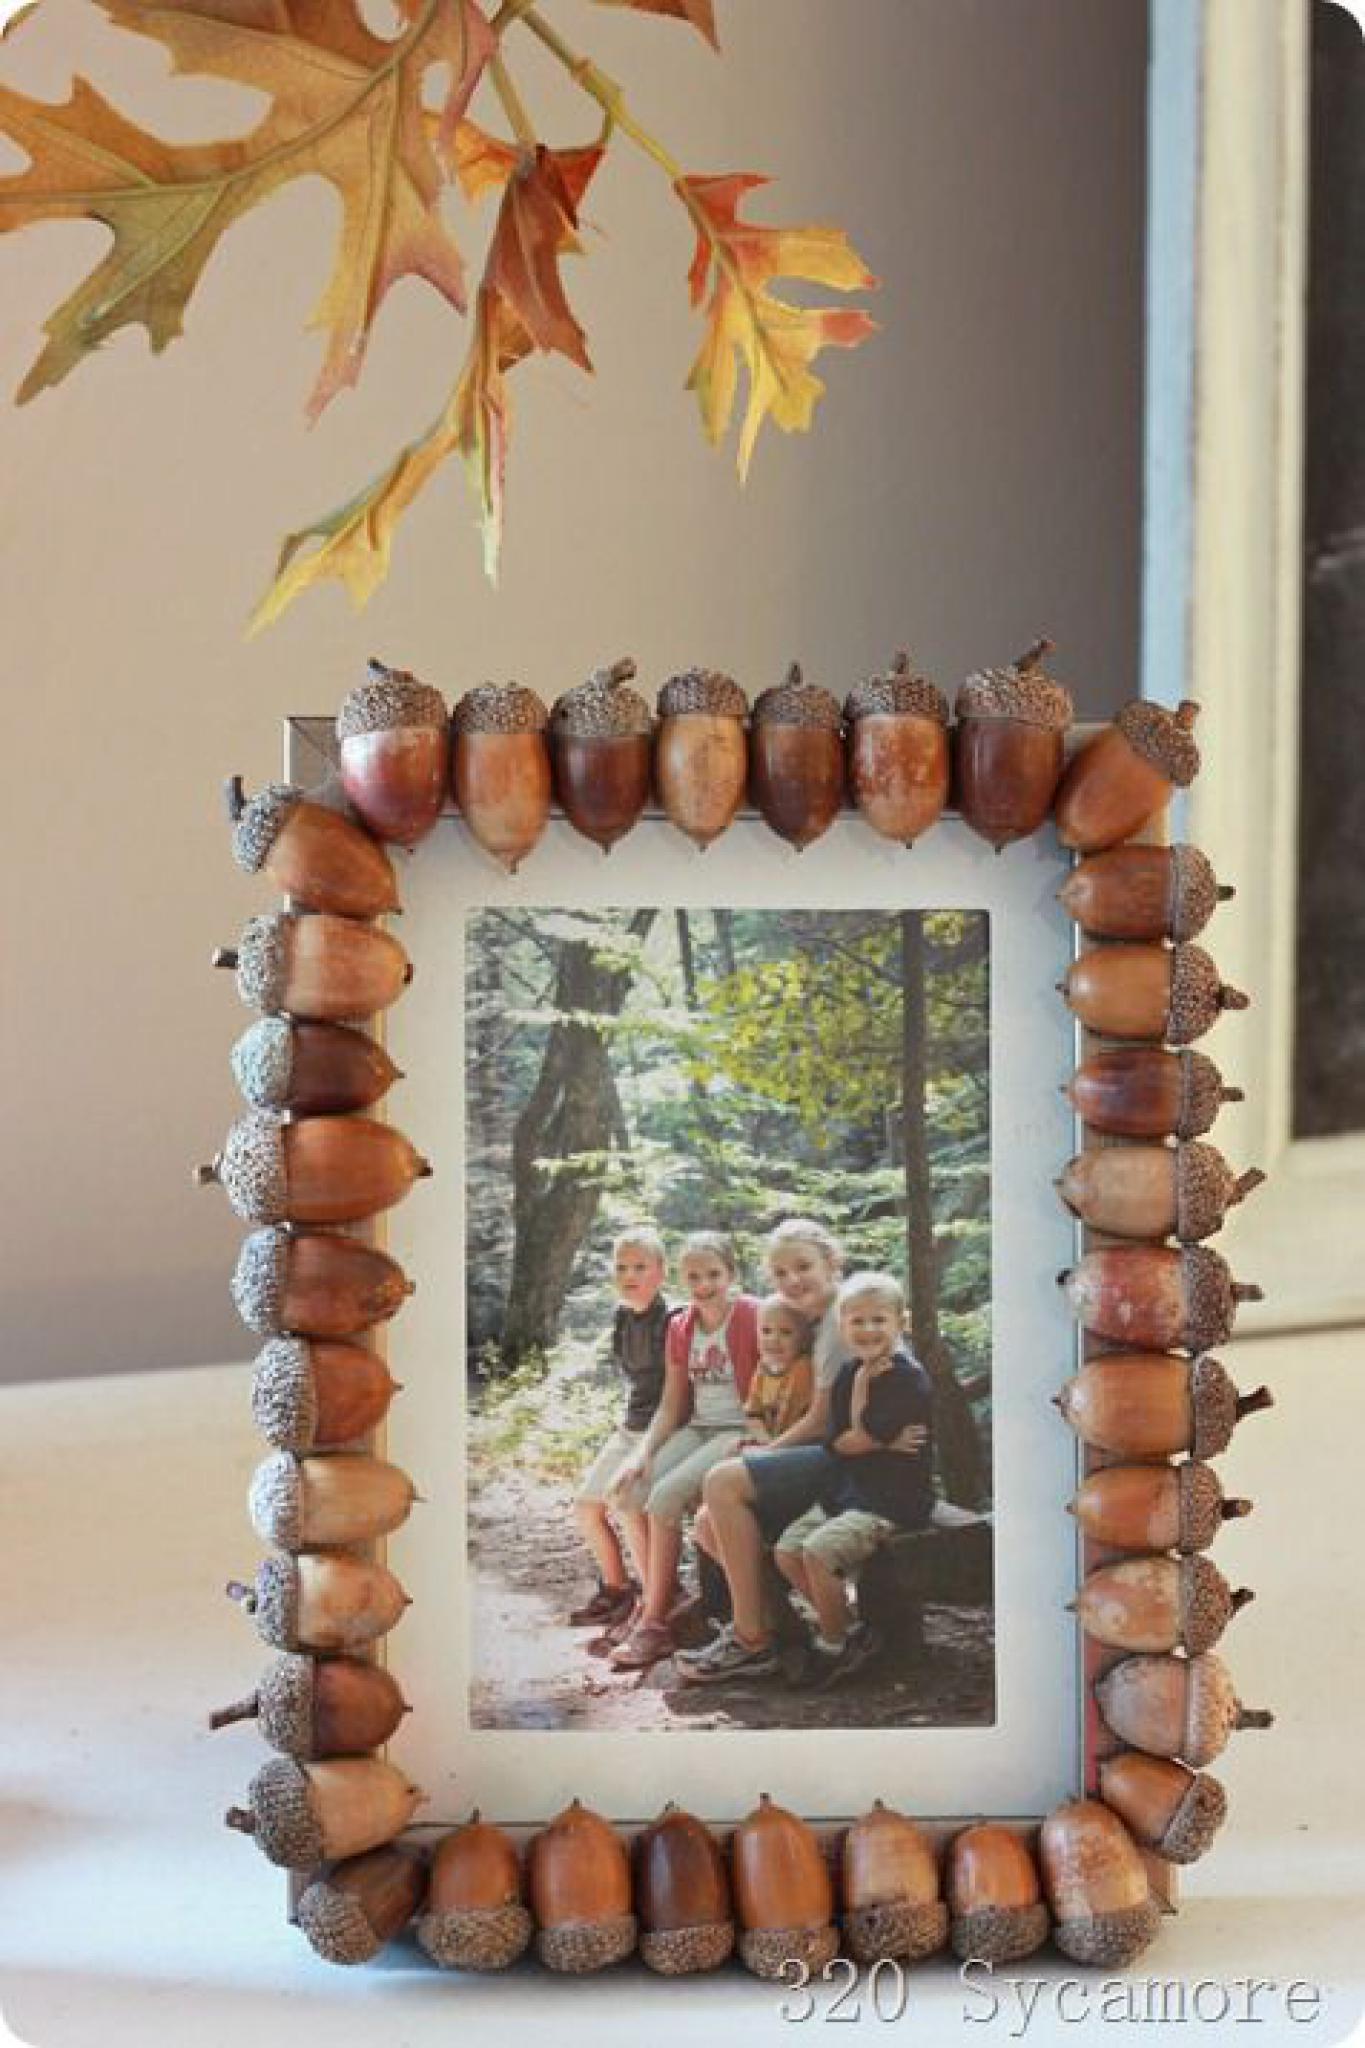 рамки из природного материала своими руками для детей в детский сад - Портал самоучек